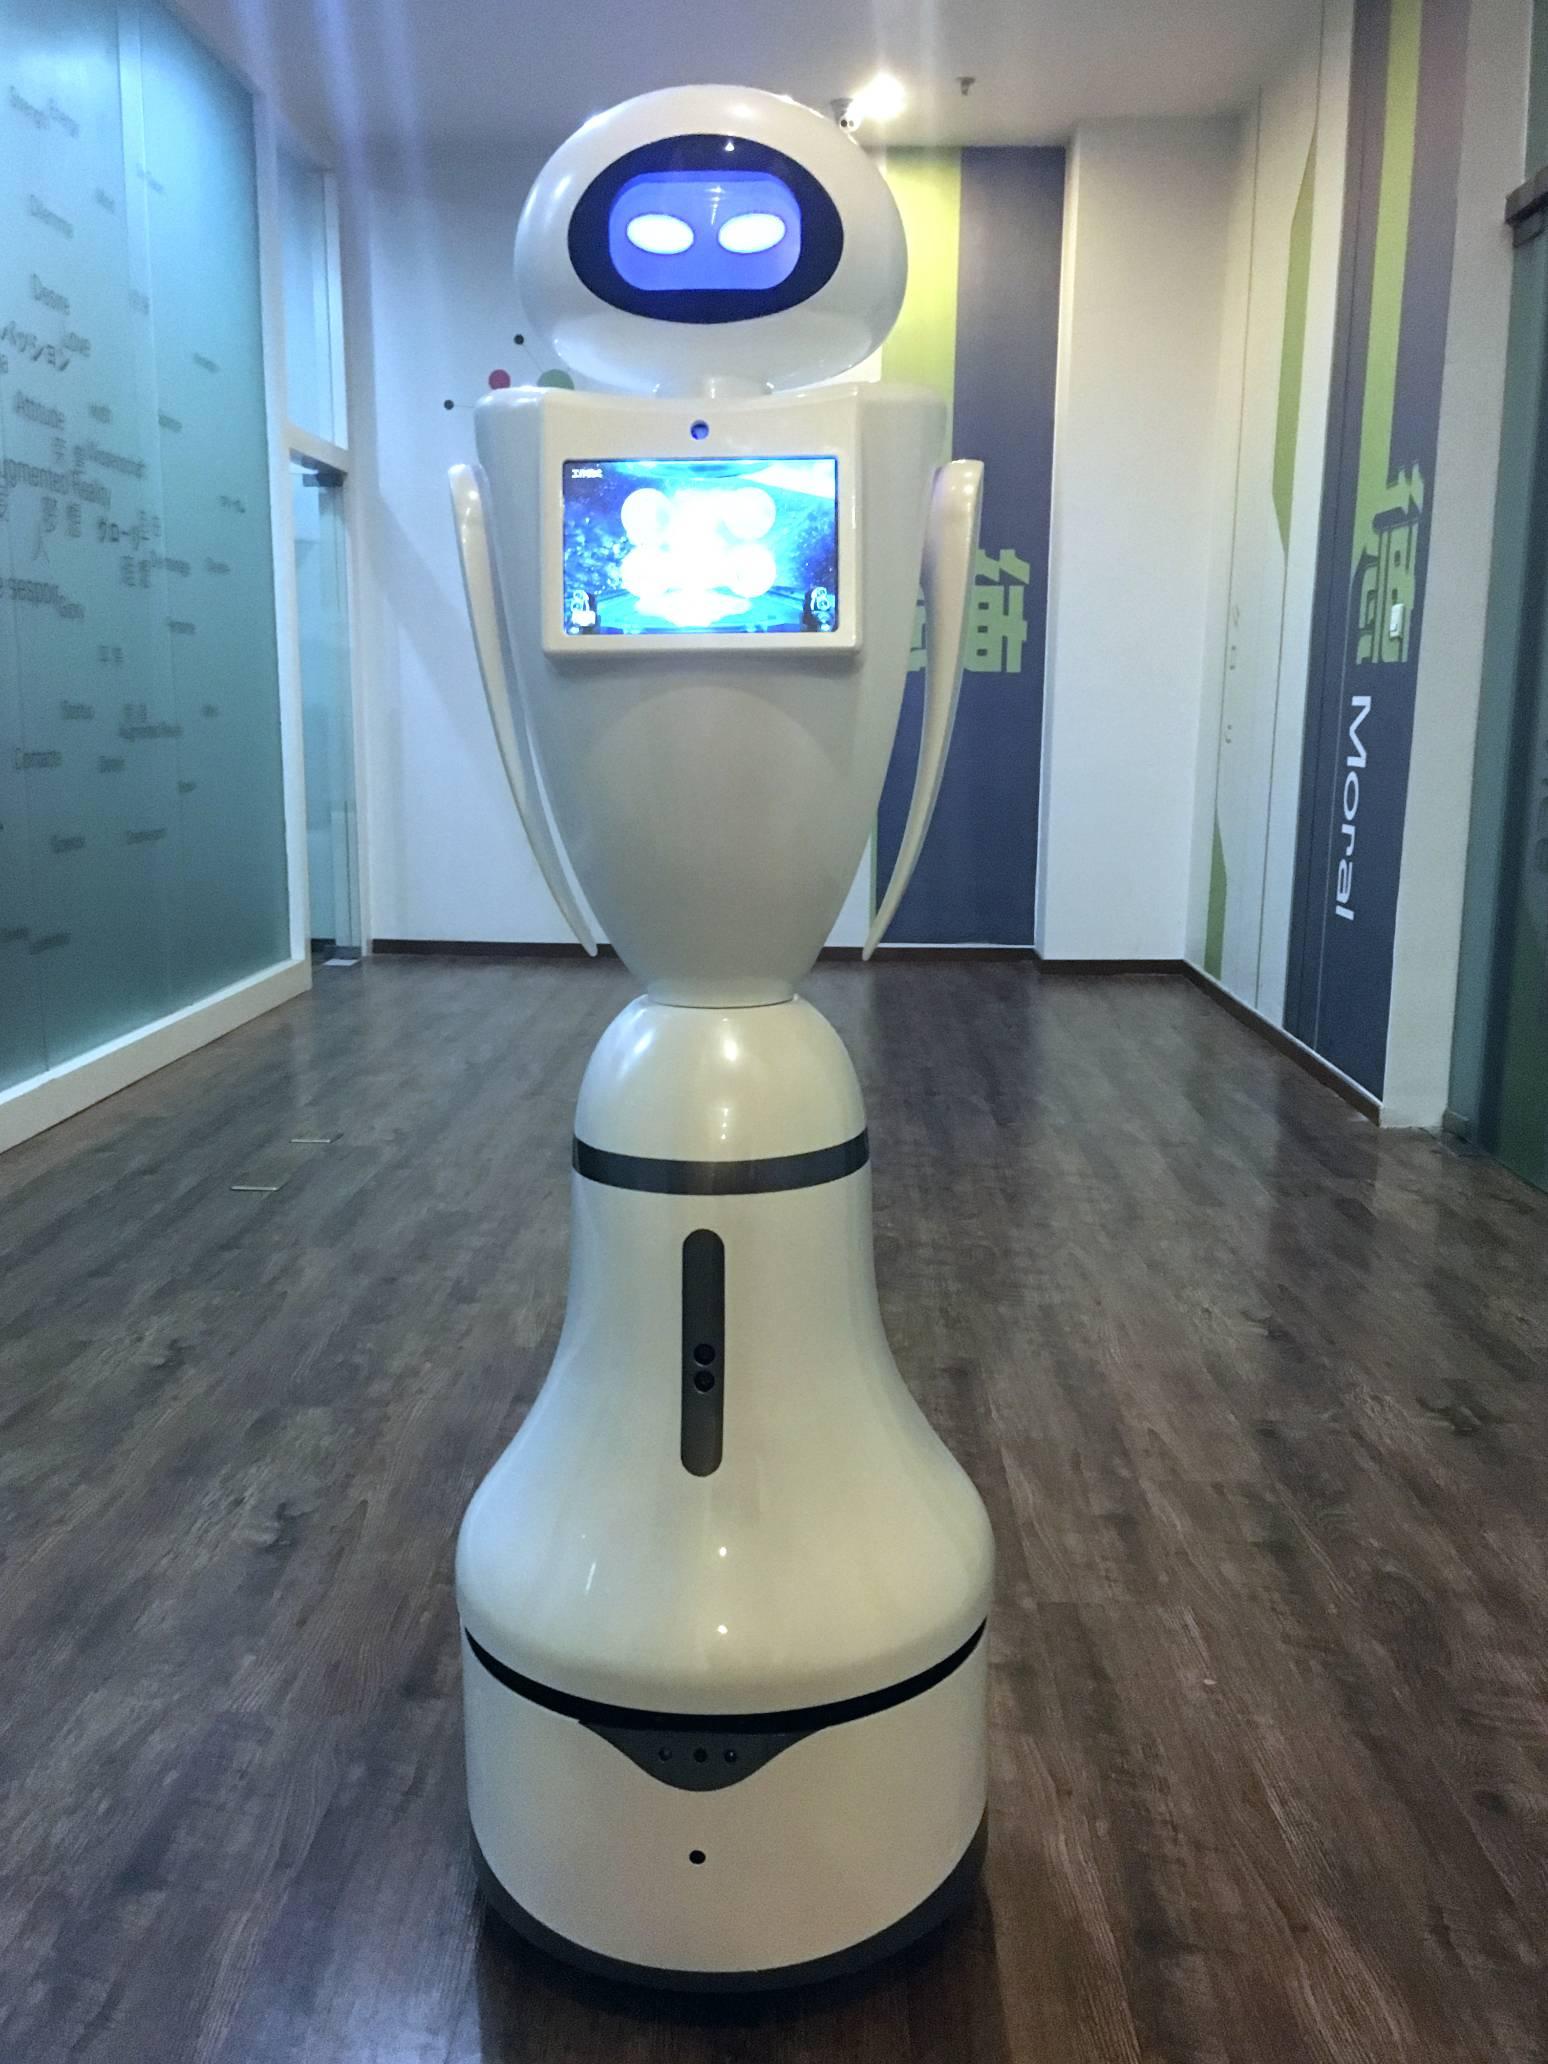 江智迎宾接待导览讲解咨询服务机器人